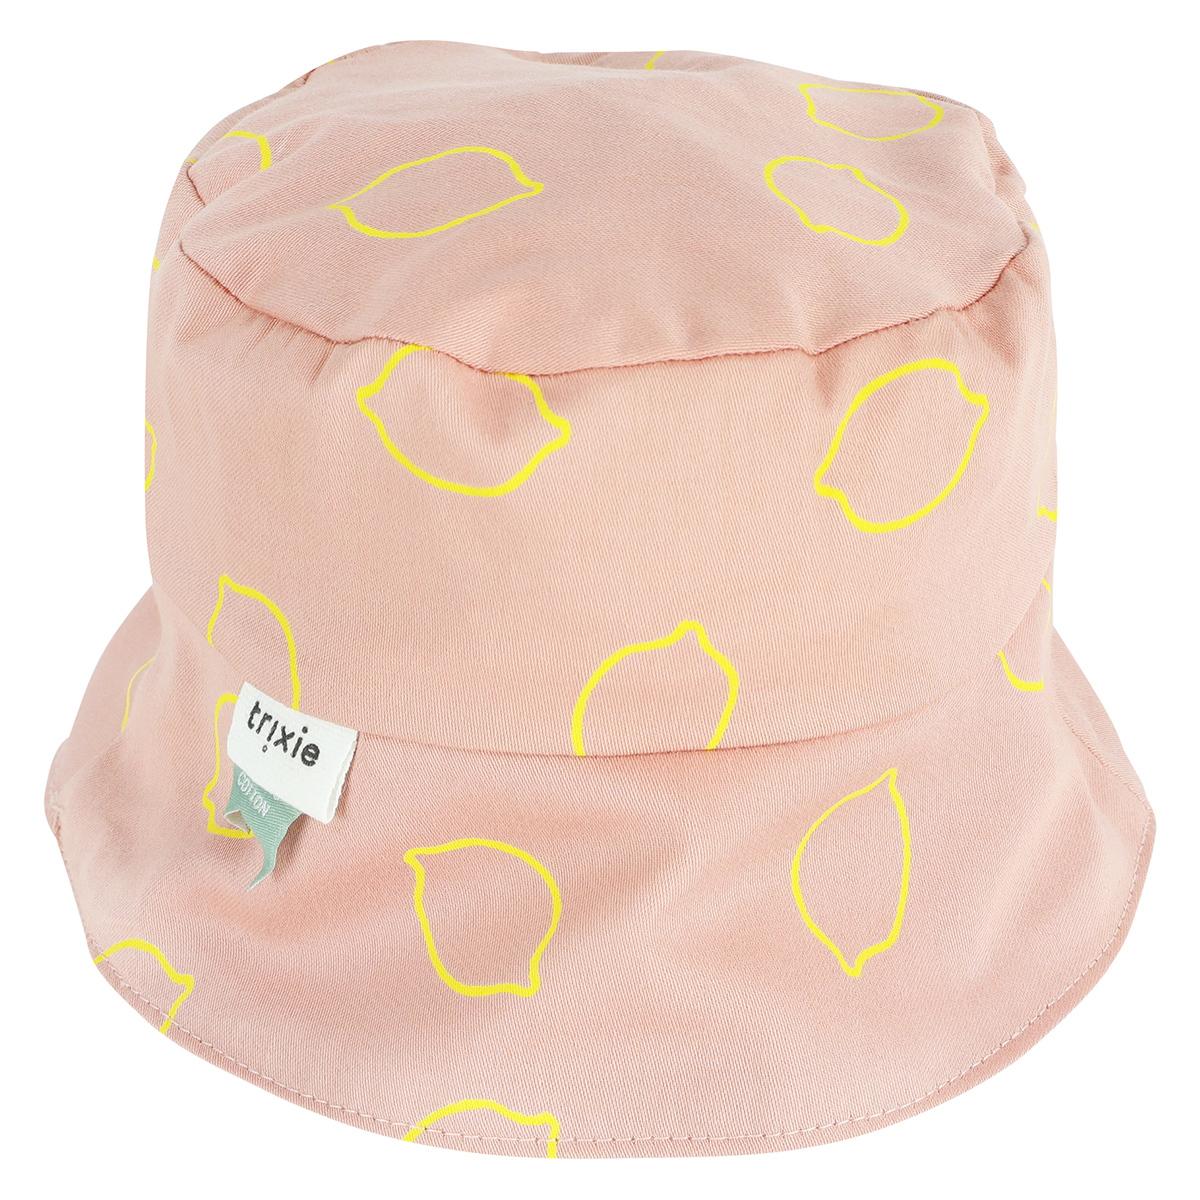 Accessoires bébé Chapeau de Soleil Lemon Squash - 3 Mois